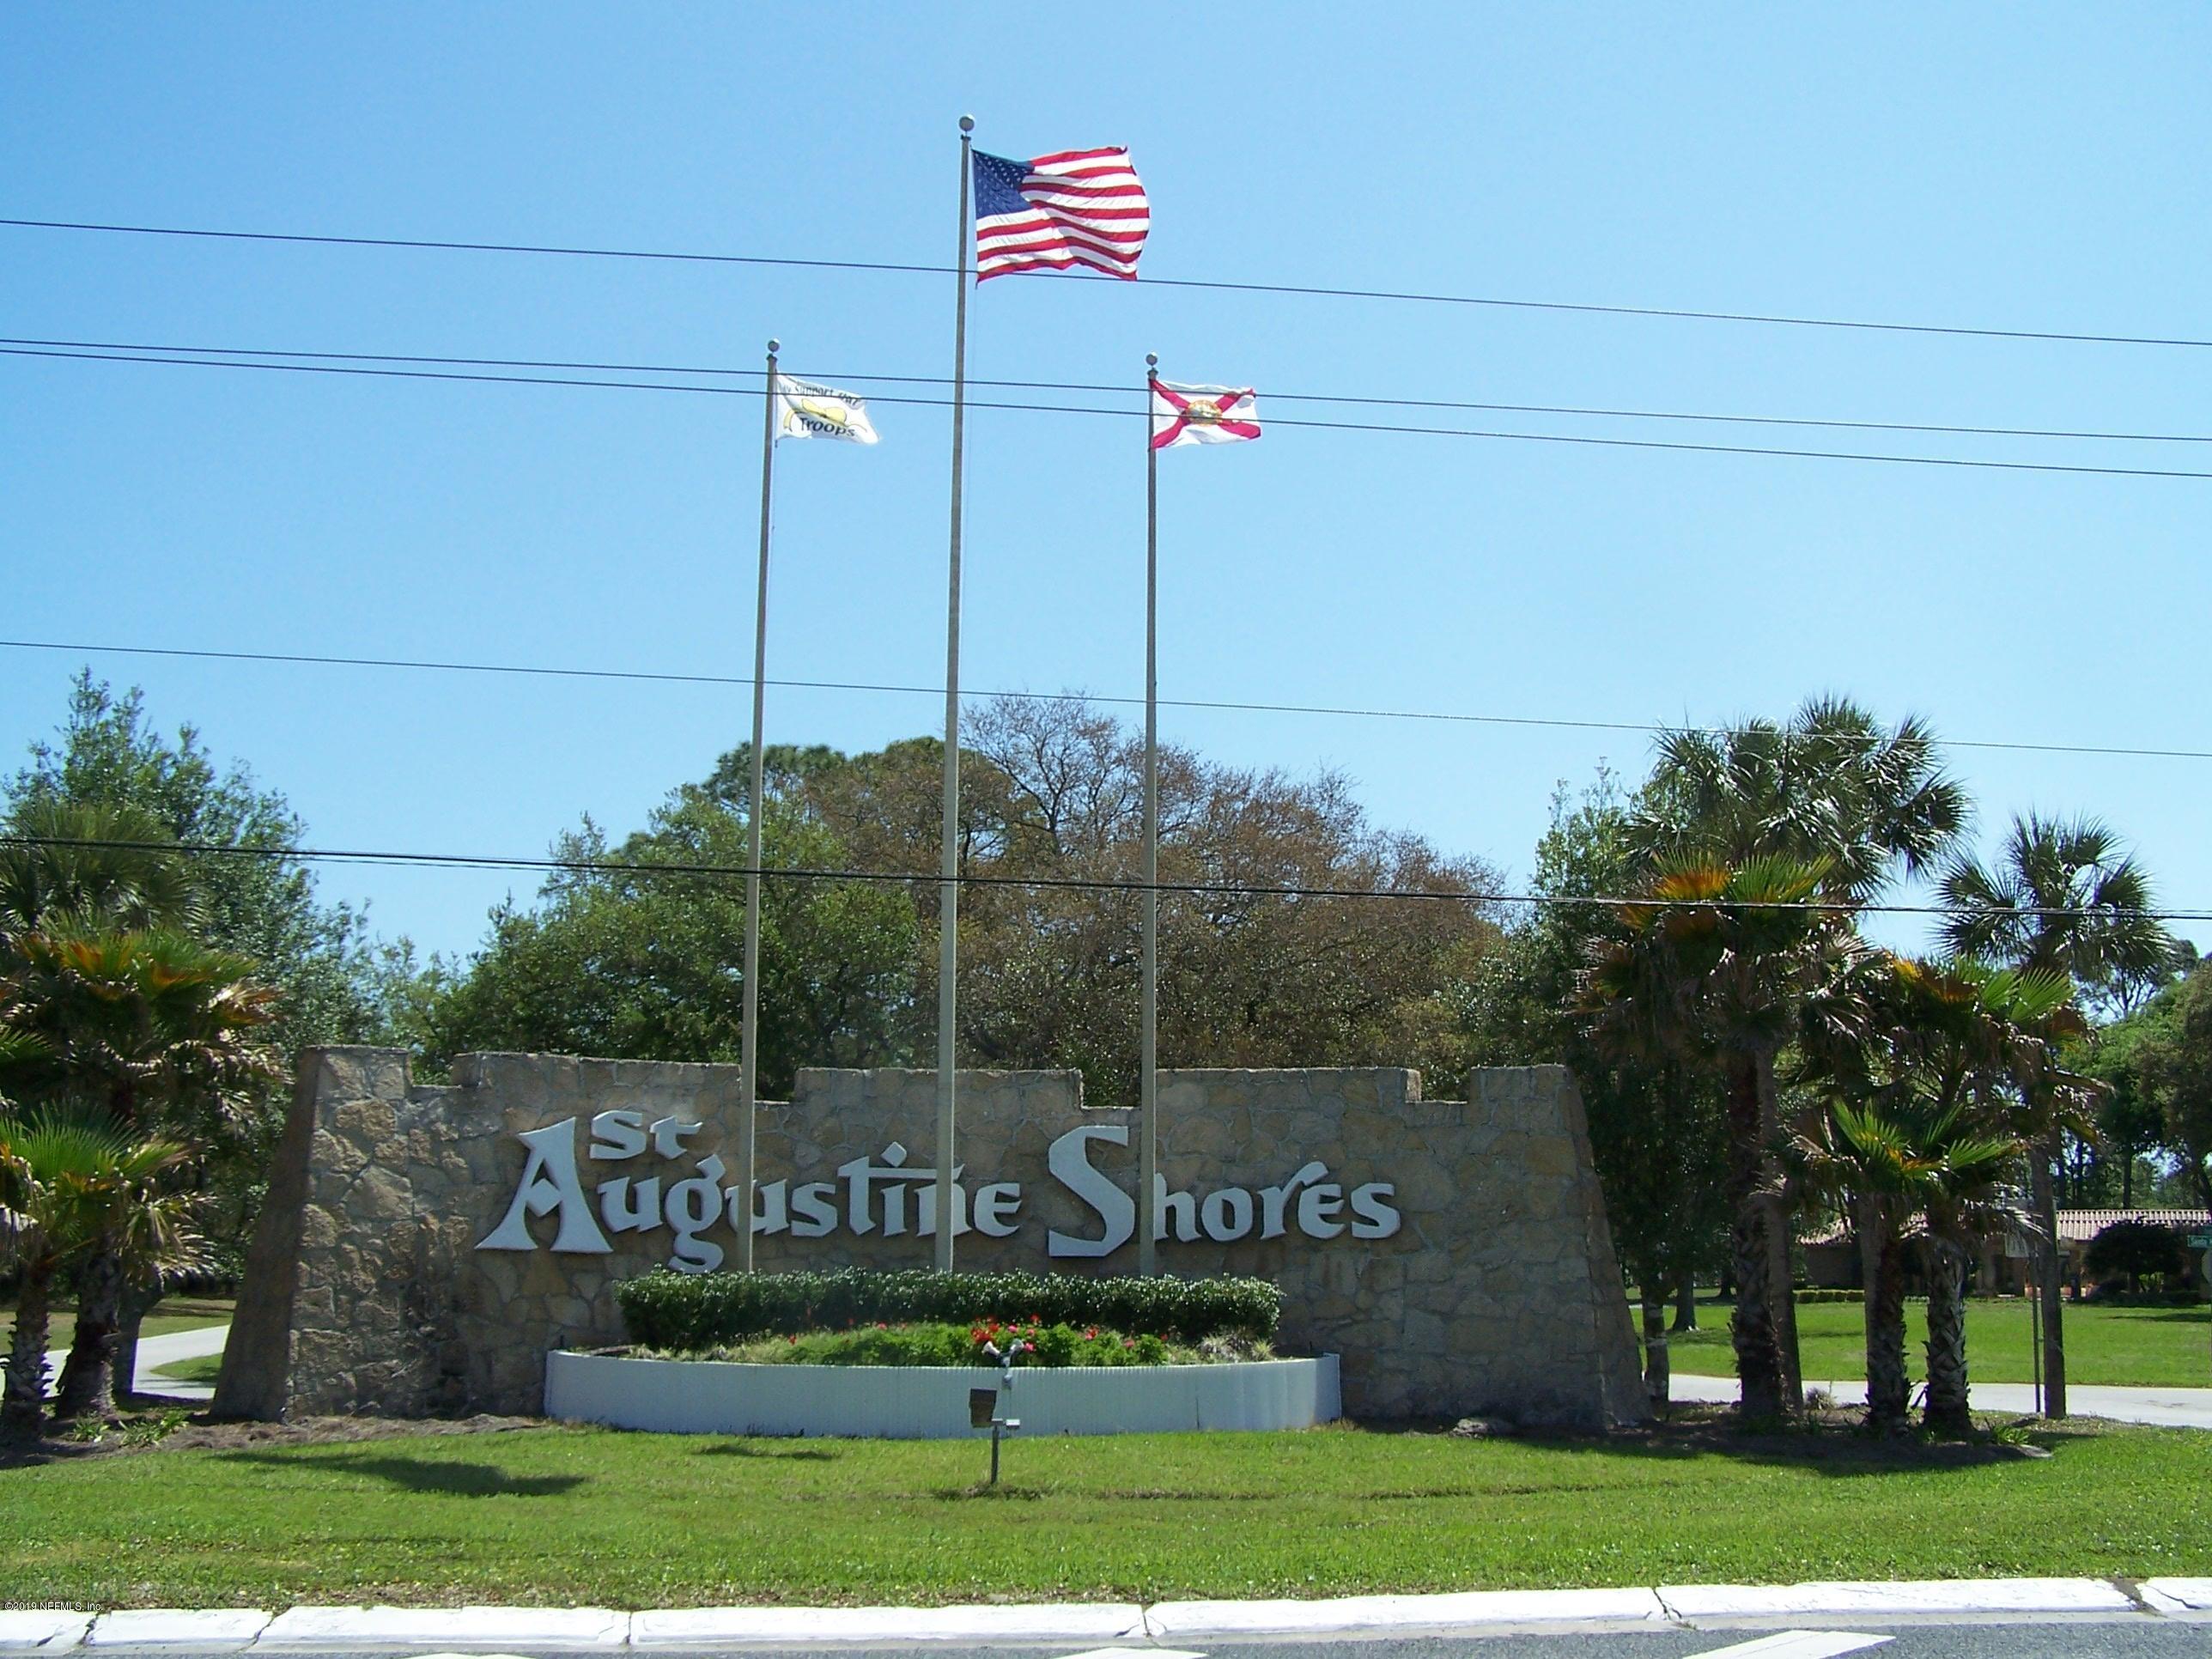 628 SHORES, ST AUGUSTINE, FLORIDA 32086, 3 Bedrooms Bedrooms, ,3 BathroomsBathrooms,Condo,For sale,SHORES,1011290